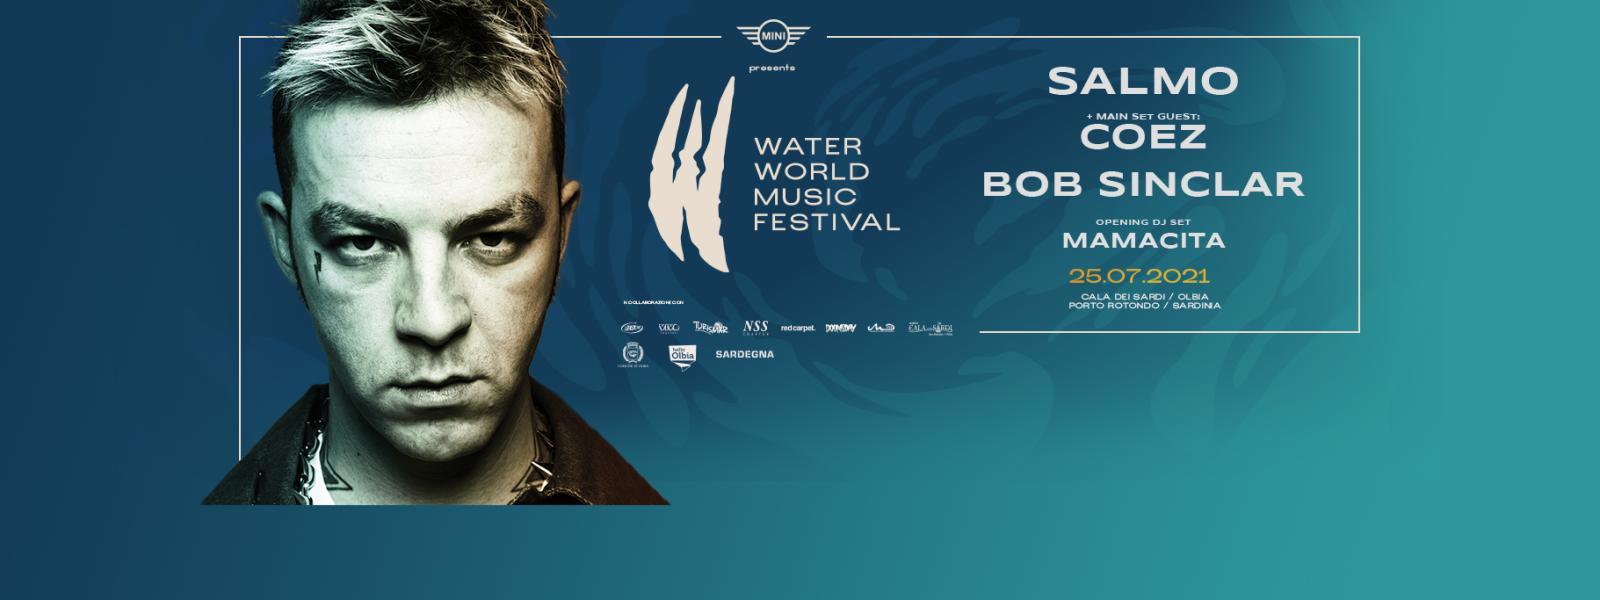 WATER WORLD MUSIC FESTIVAL 2021: annunciati i primi nomi della line-up ufficiale